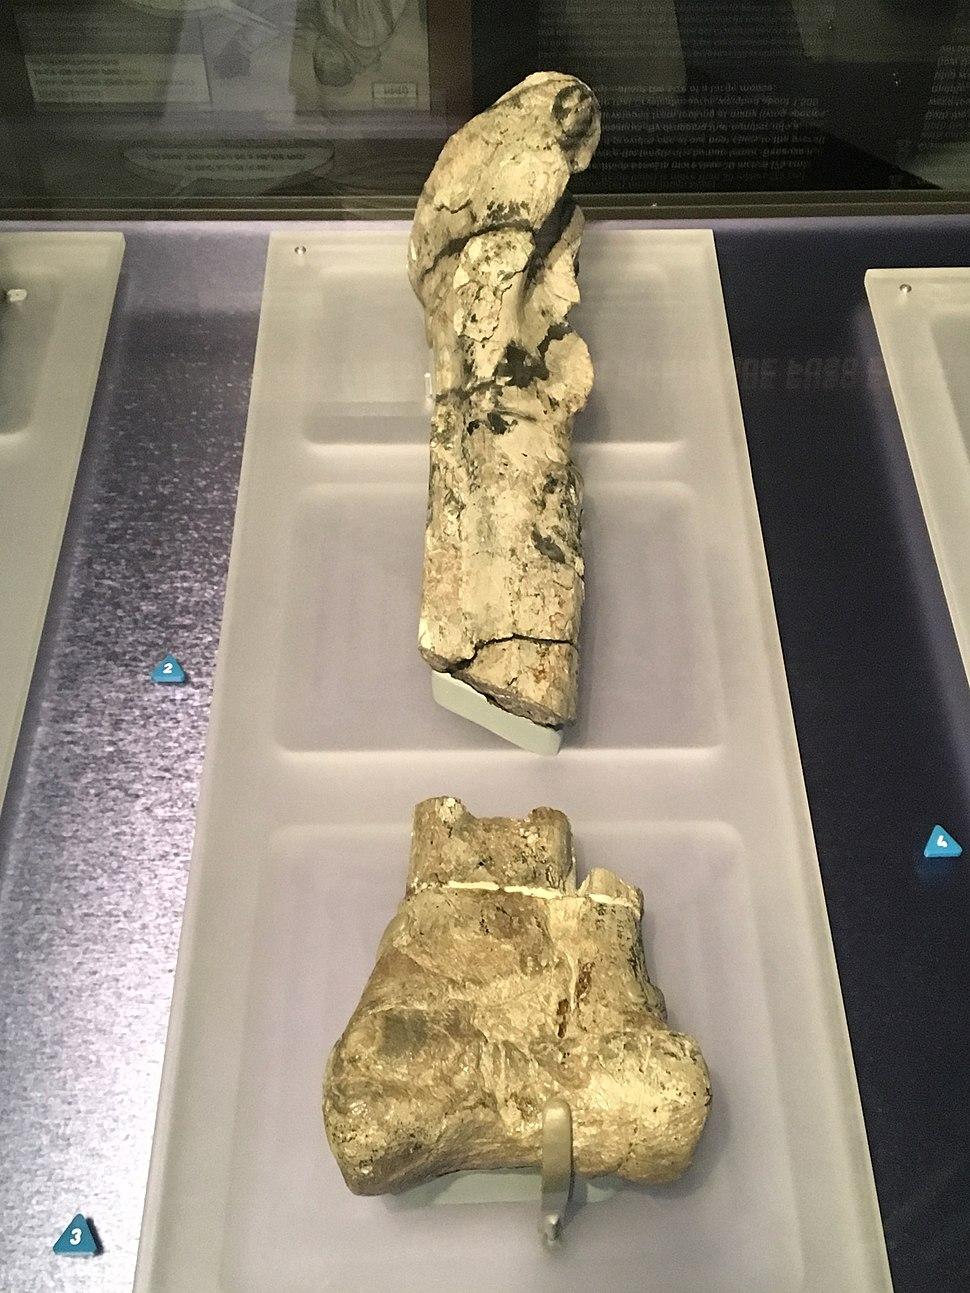 Cryolophosaurus Left Tibia Fossil